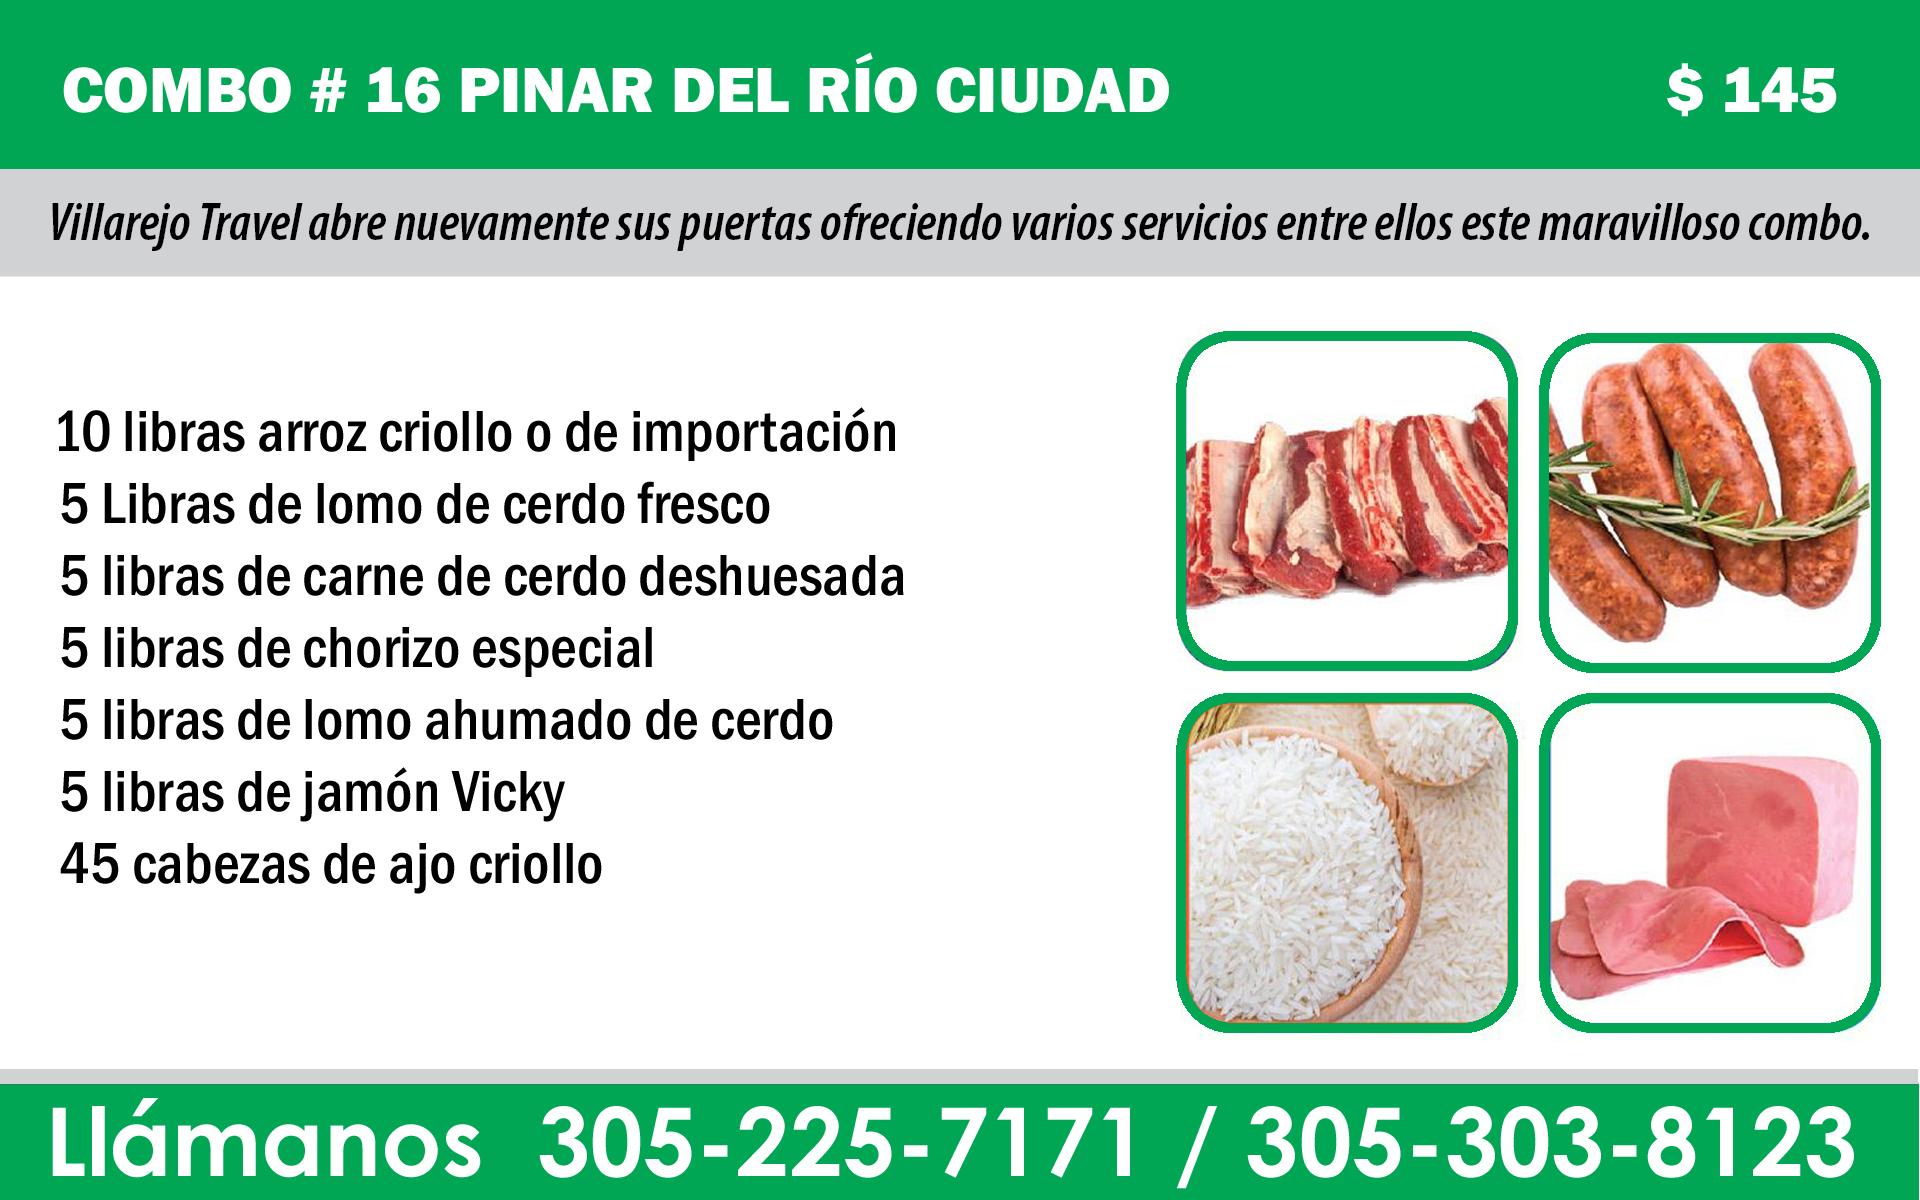 COMBO # 16 PINAR DEL RÍO CIUDAD $ 145